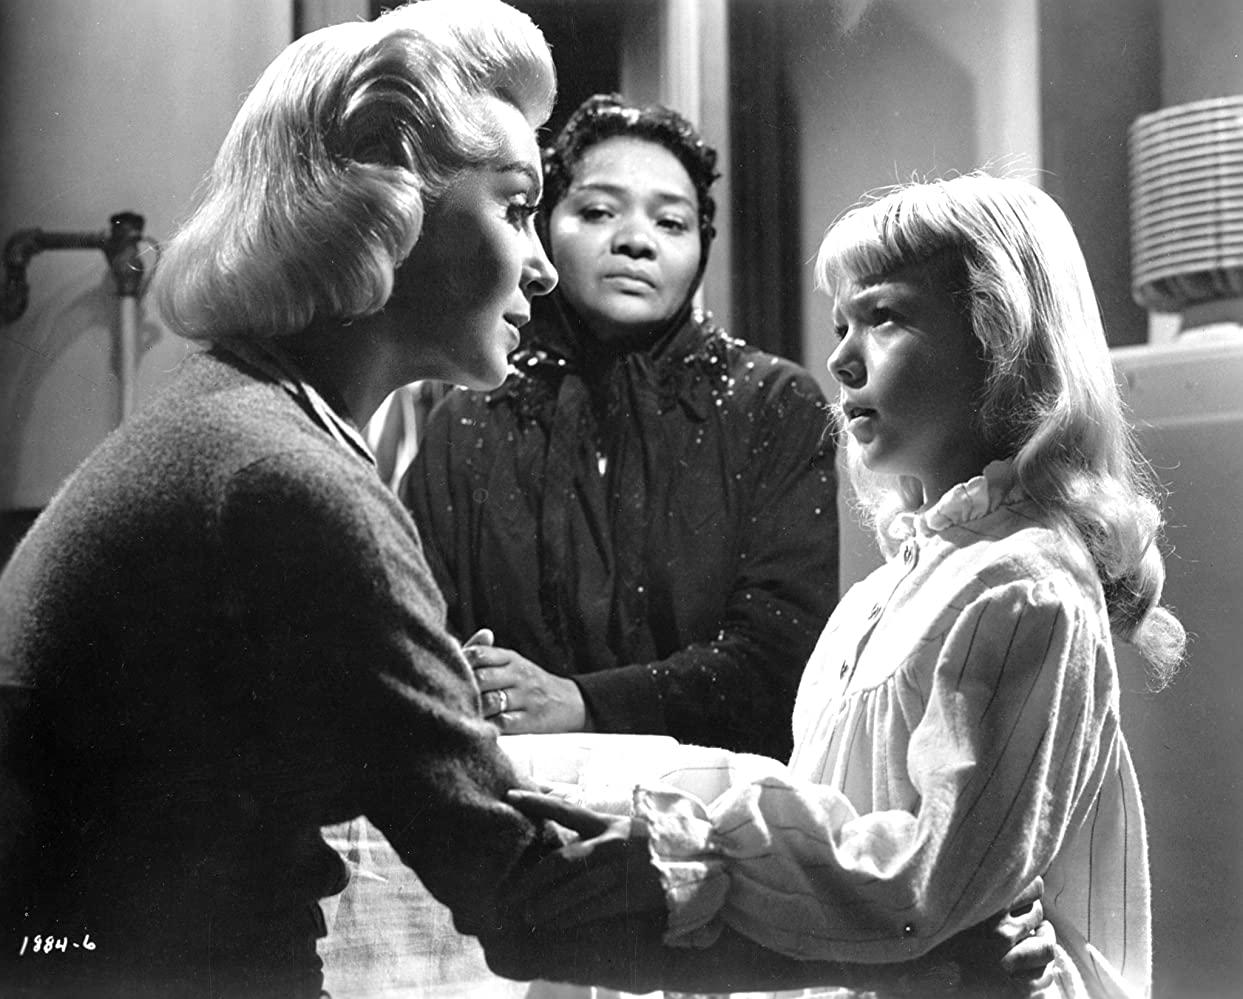 Lana Turner, Terry Burnham, and Juanita Moore in Imitation of Life (1959)